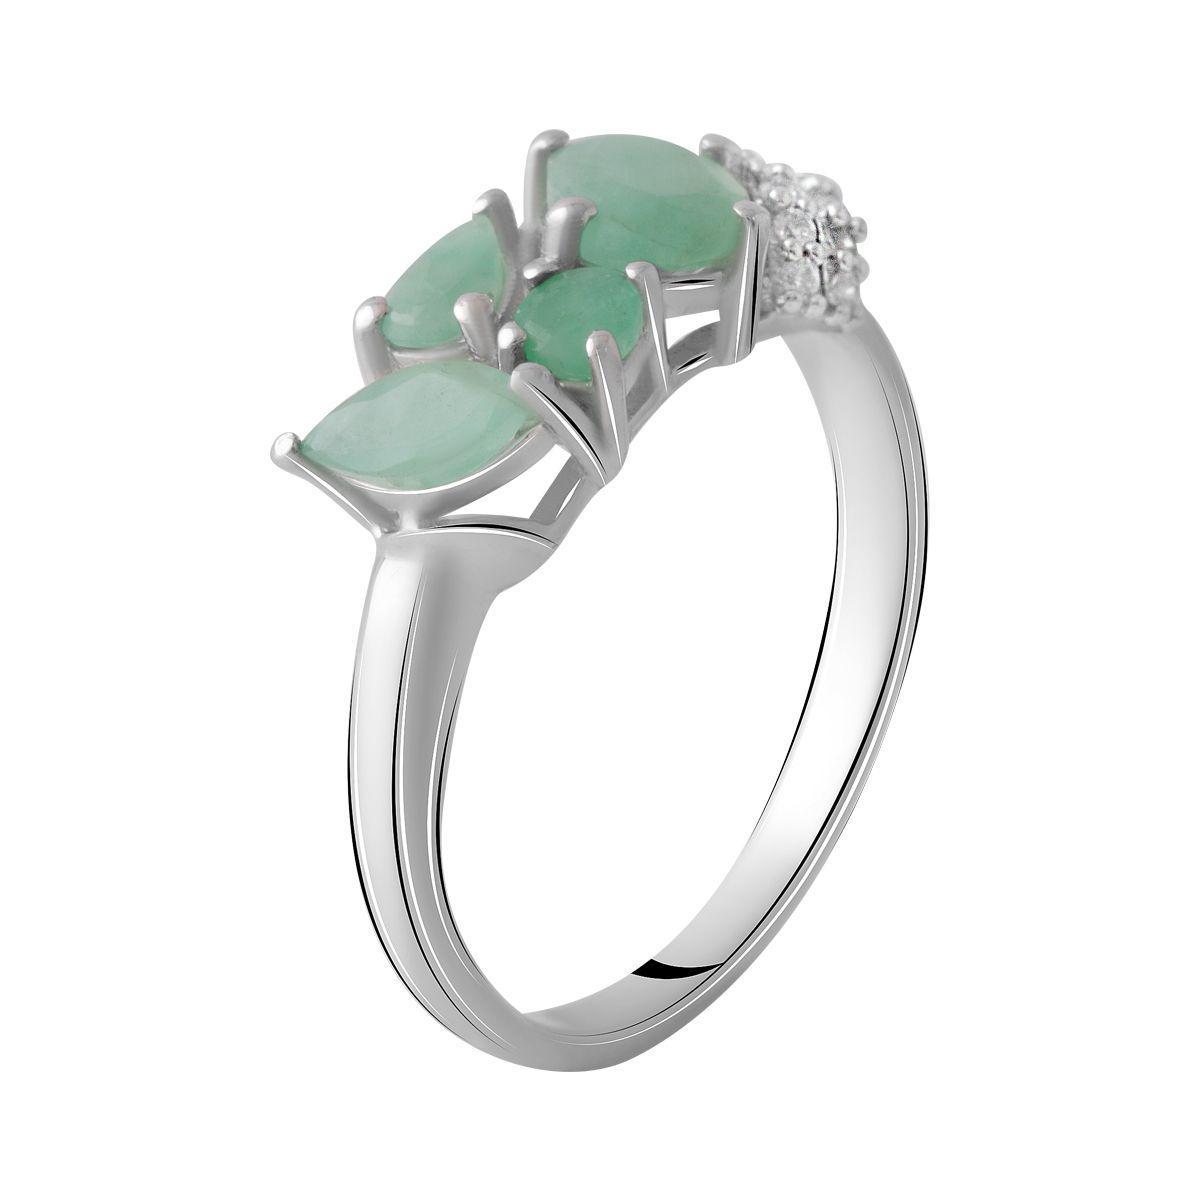 Серебряное кольцо DreamJewelry с натуральным изумрудом 1.404ct (2051404) 18 размер